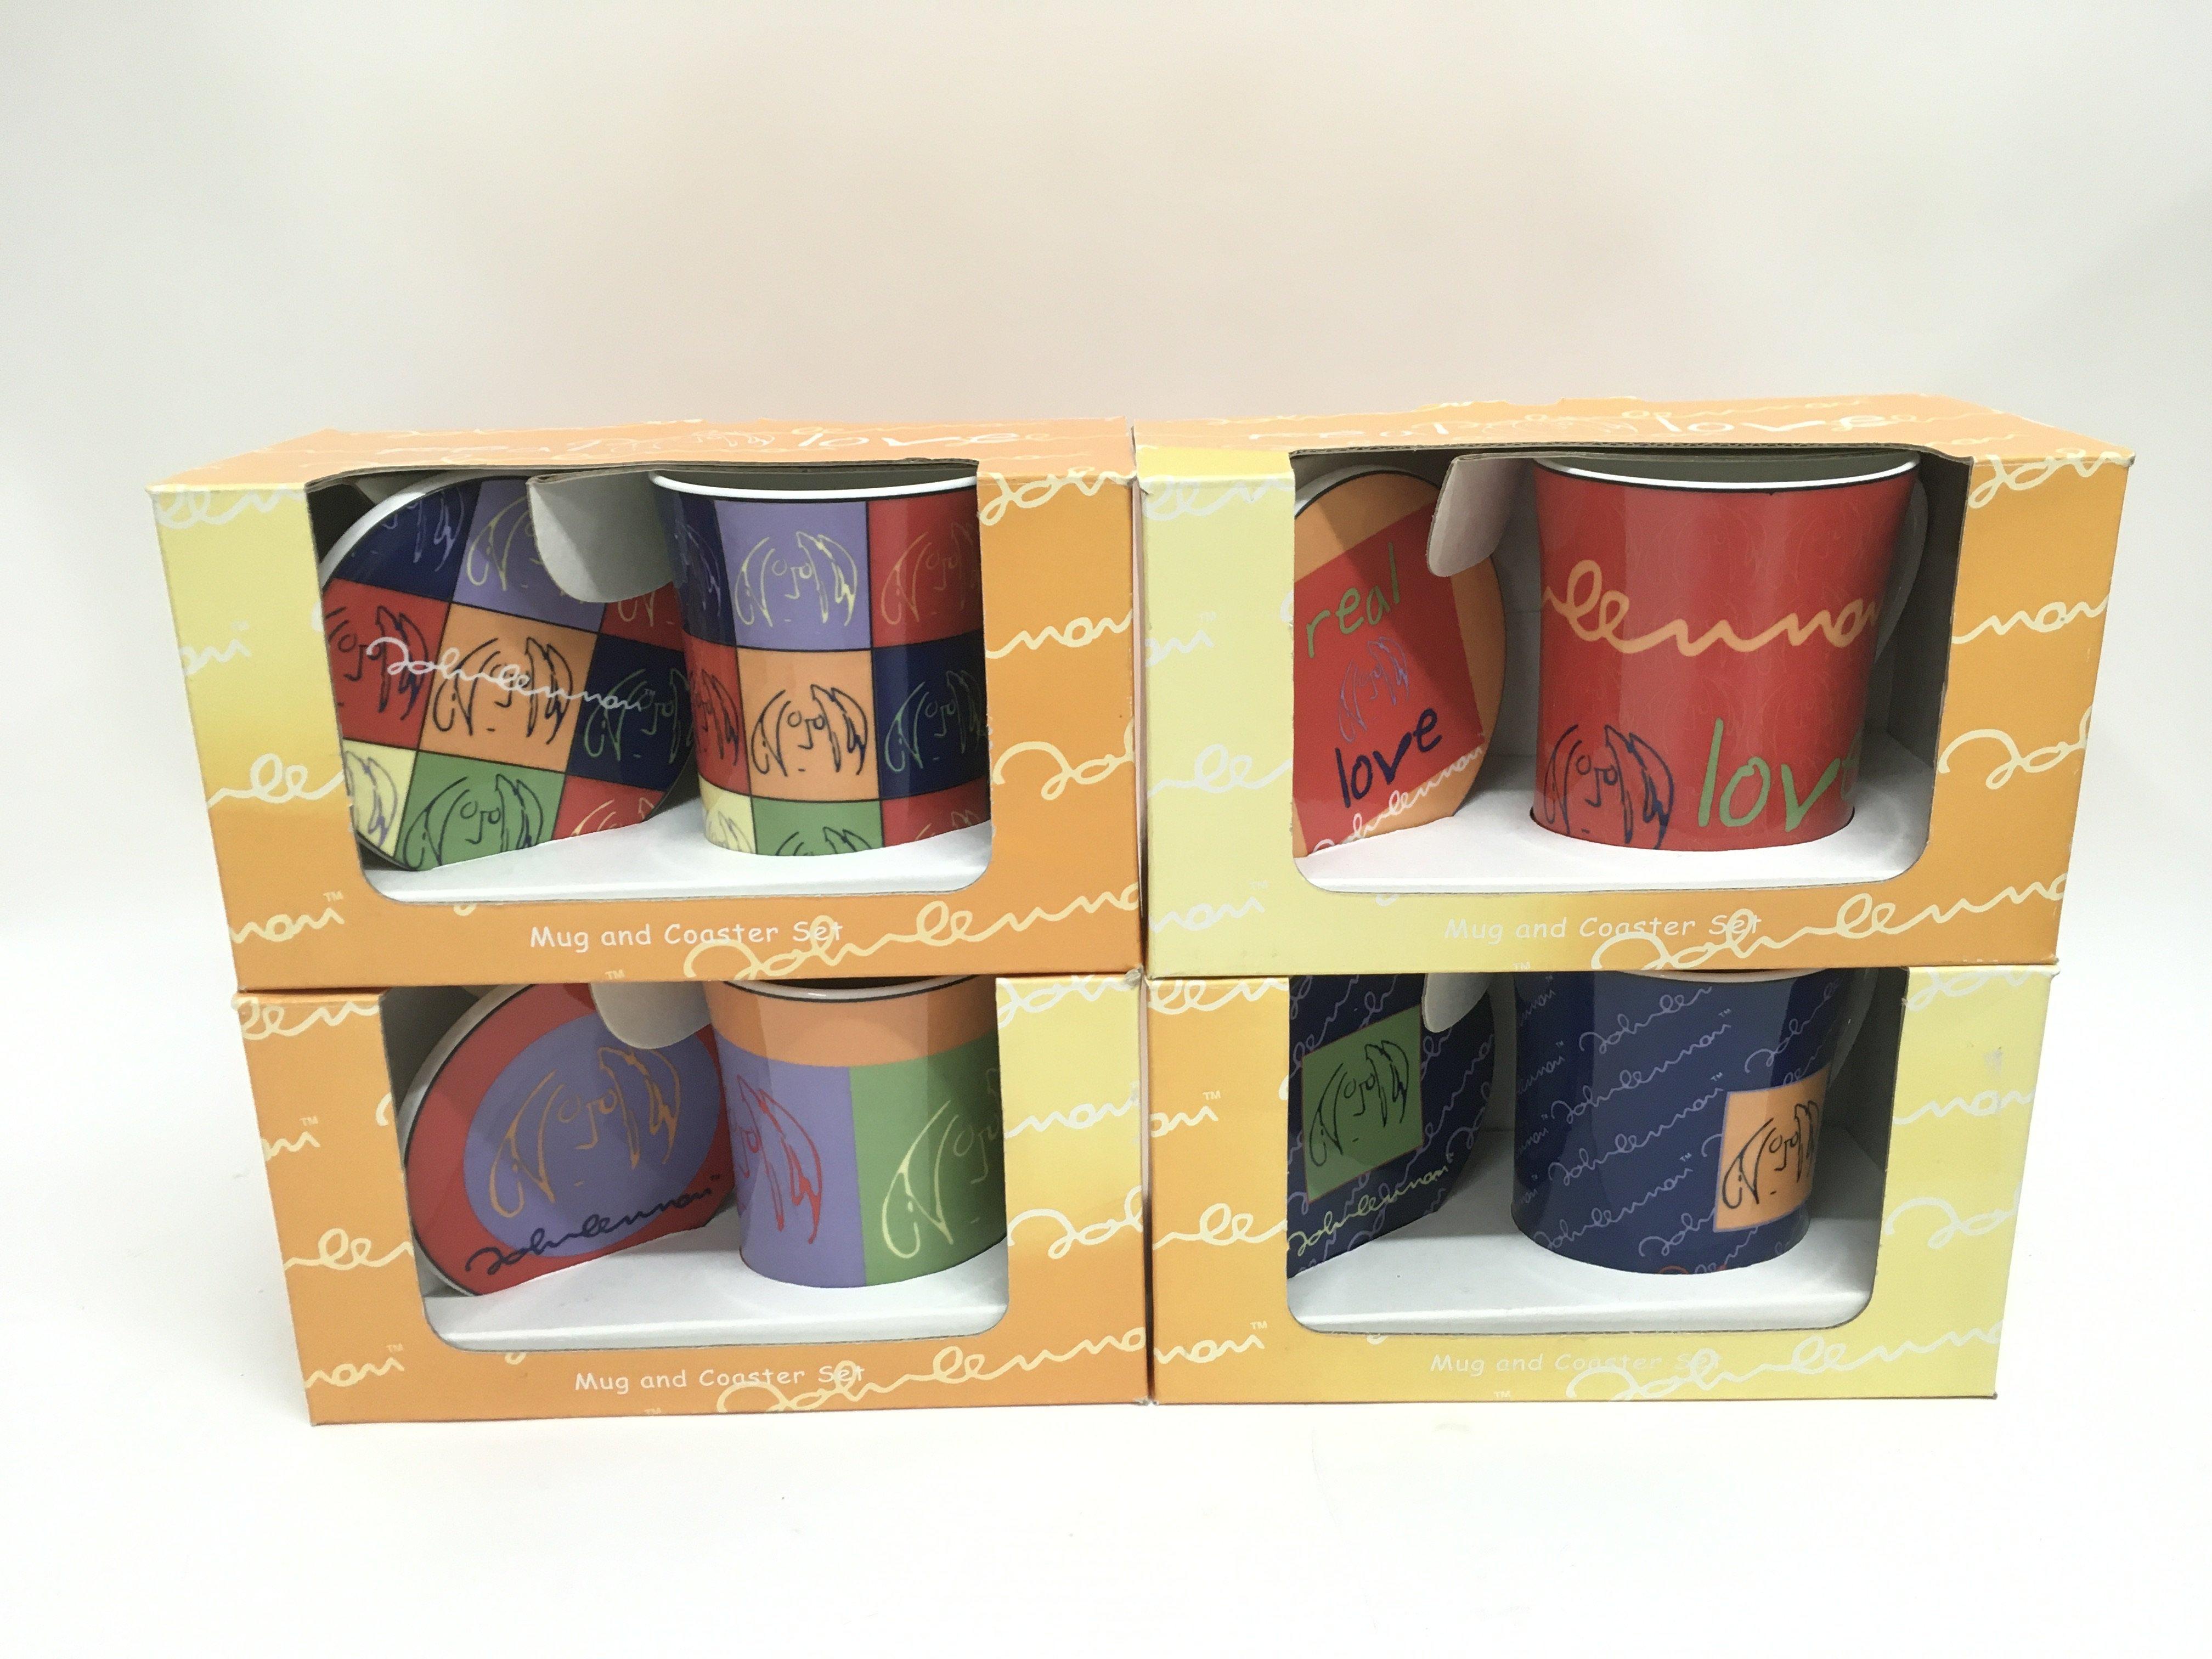 Four boxed Coalport John Lennon mugs and coasters